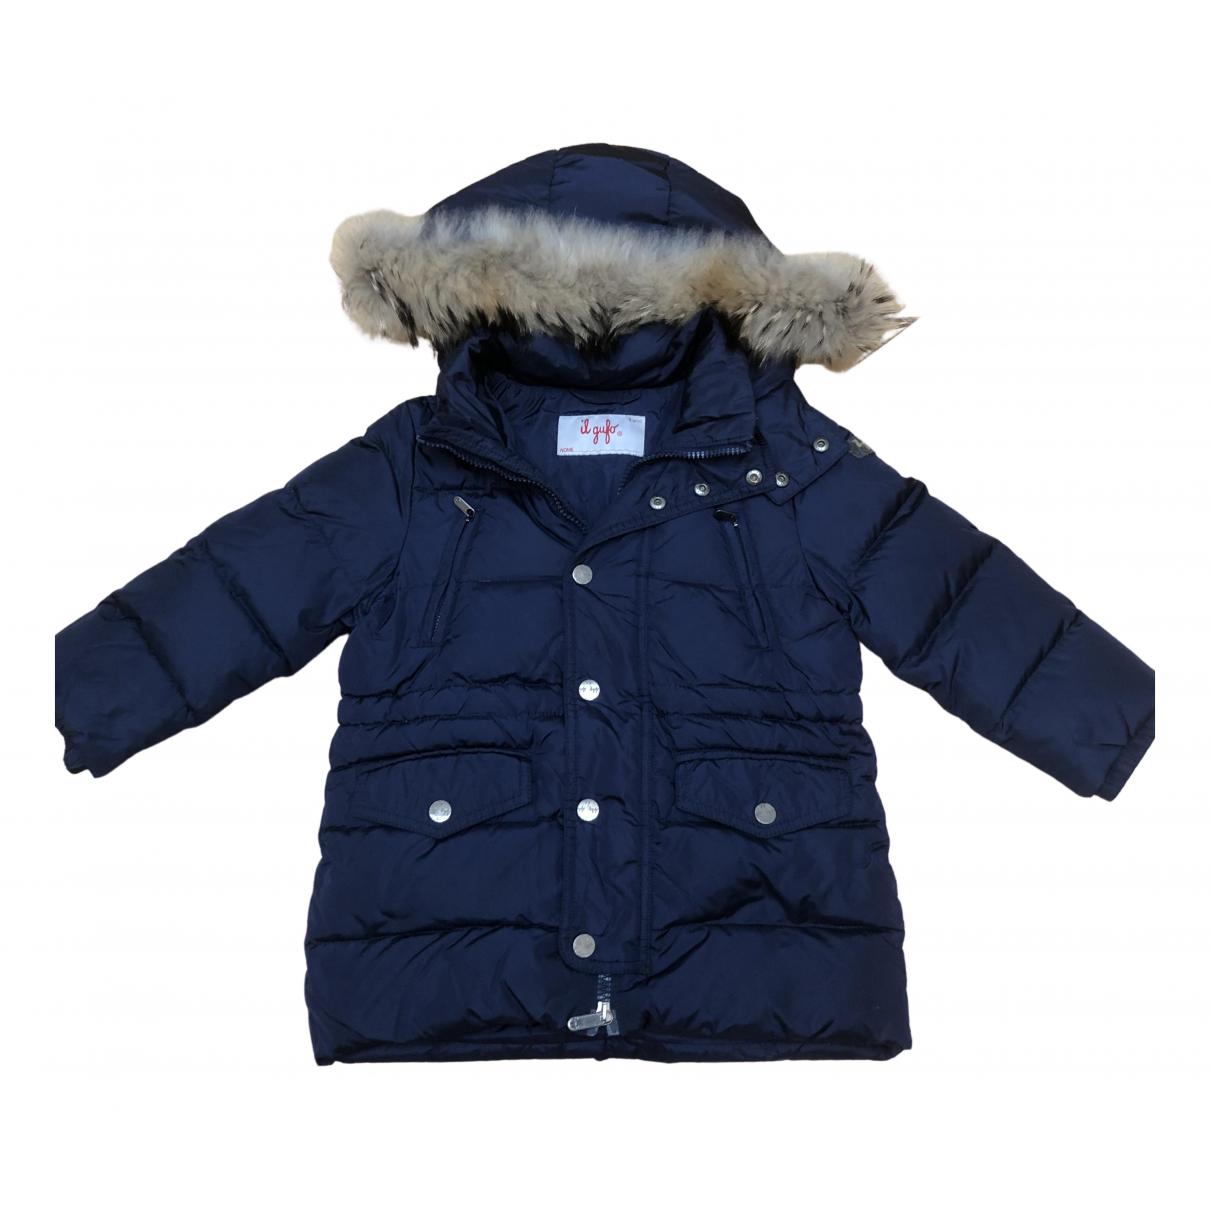 Il Gufo - Blousons.Manteaux   pour enfant - marine